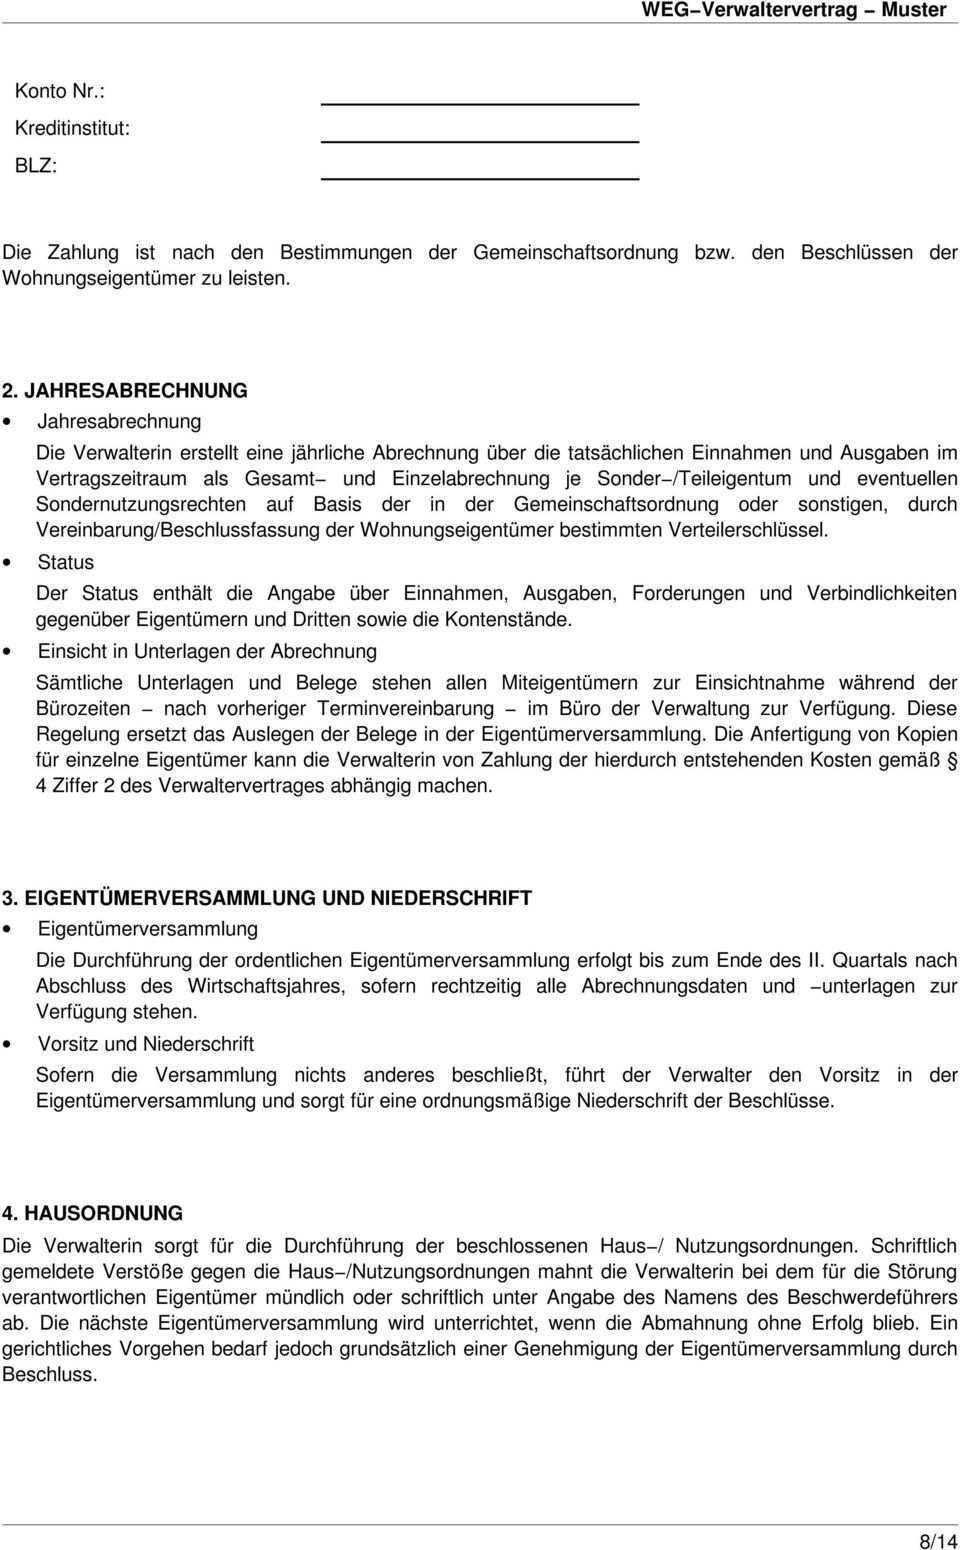 Weg Verwaltervertrag Weg Verwaltervertrag Muster Zwischen Der Wohnungseigentumergemeinschaft Pdf Kostenfreier Download